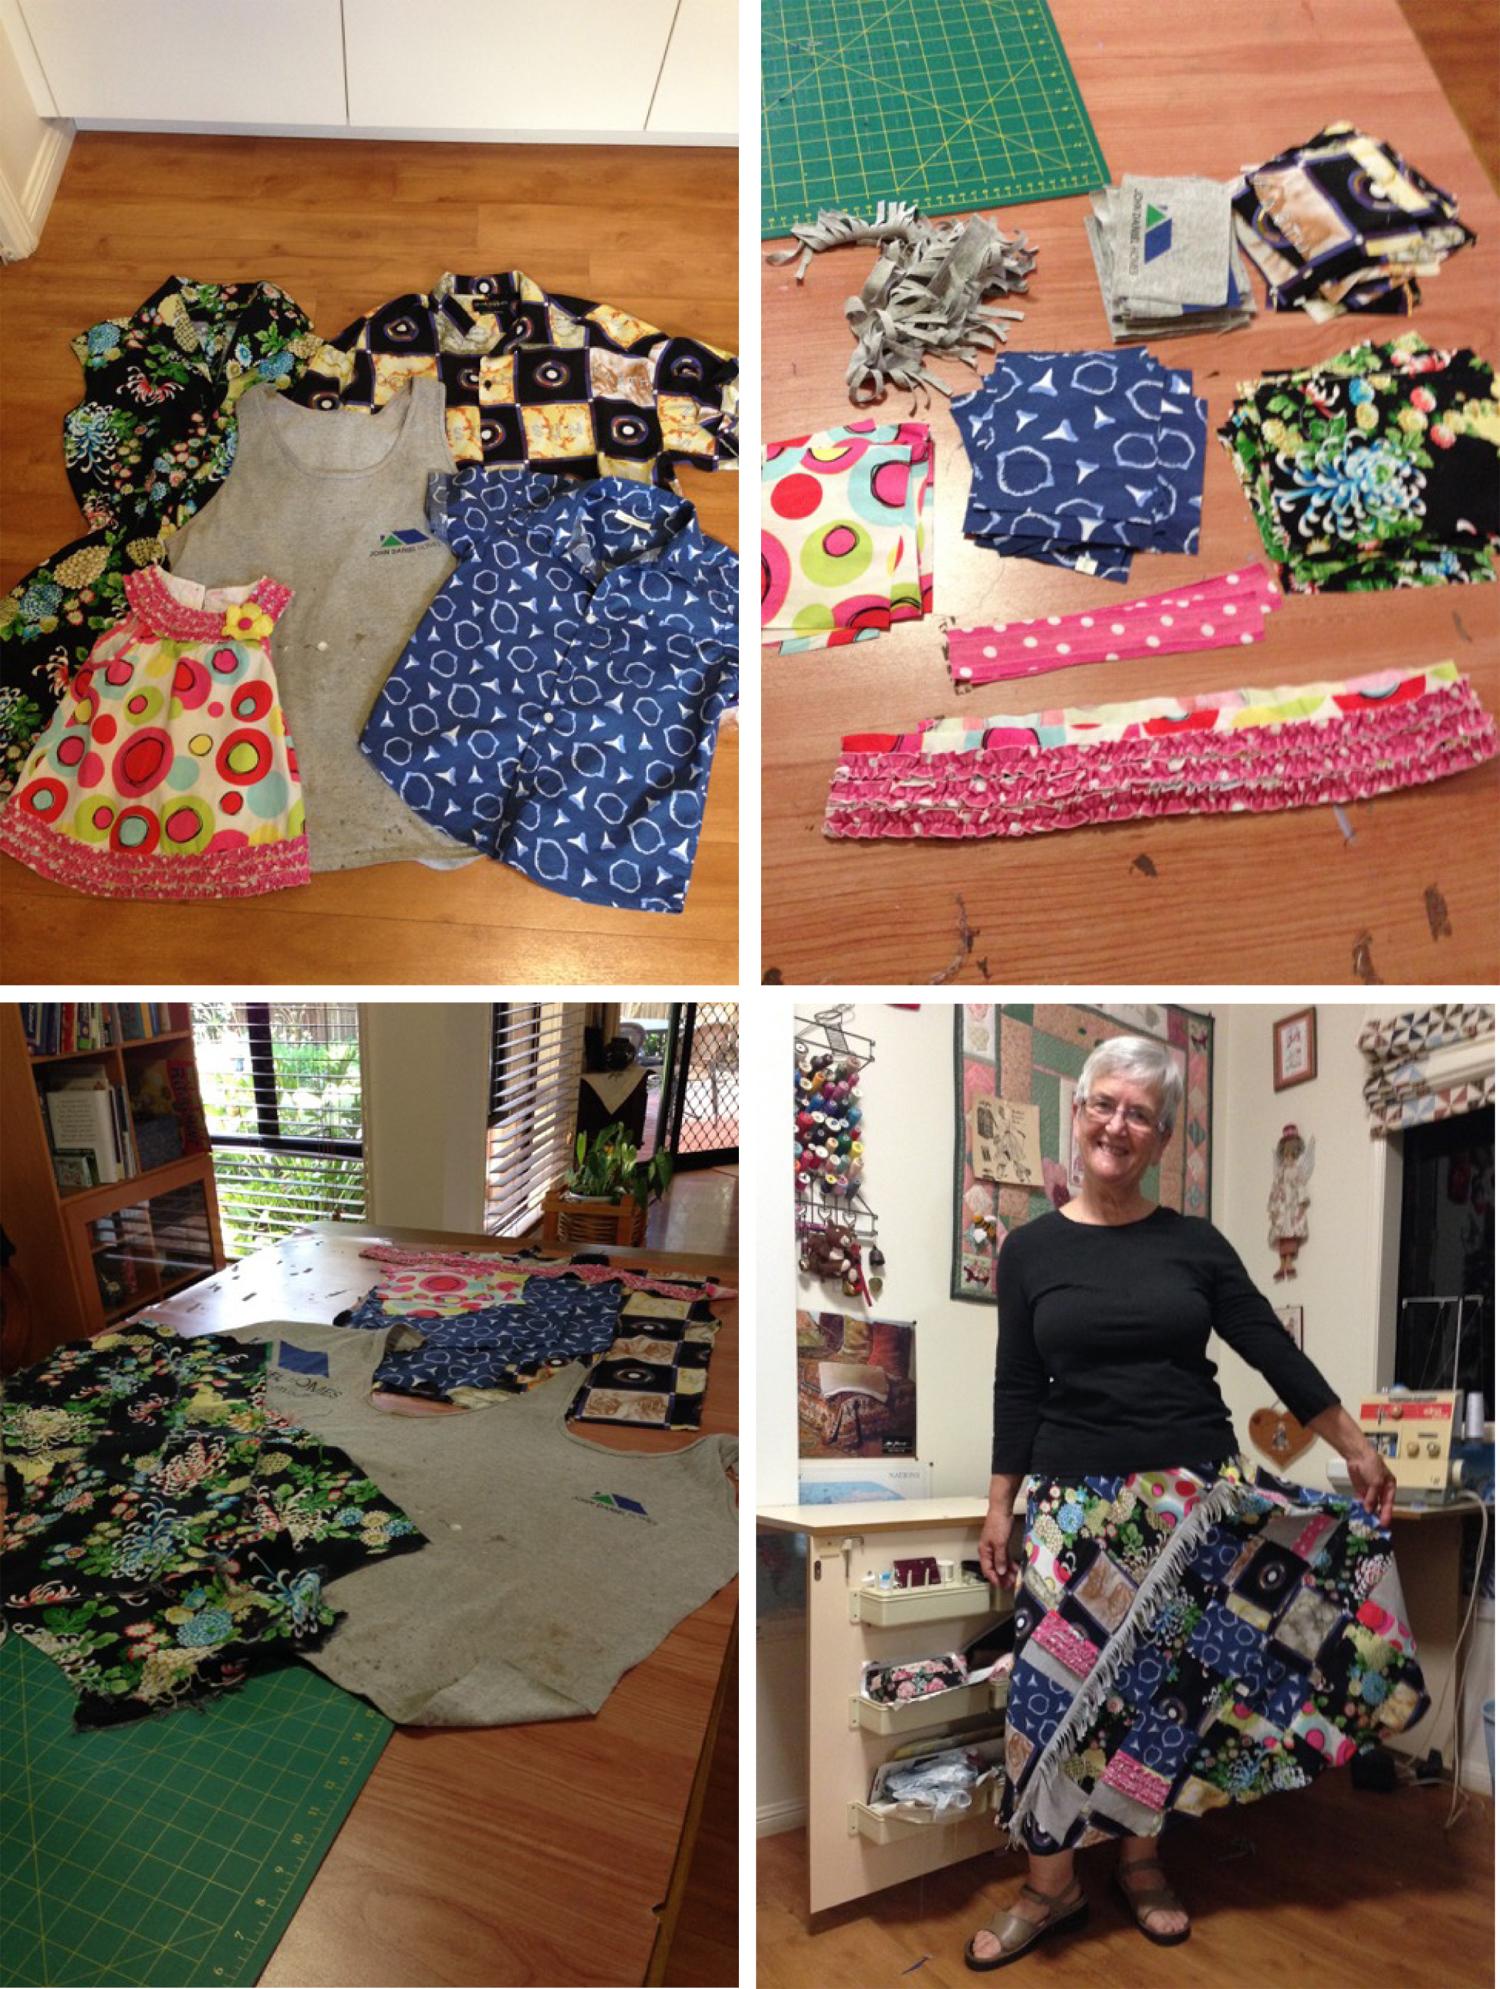 Majella making process